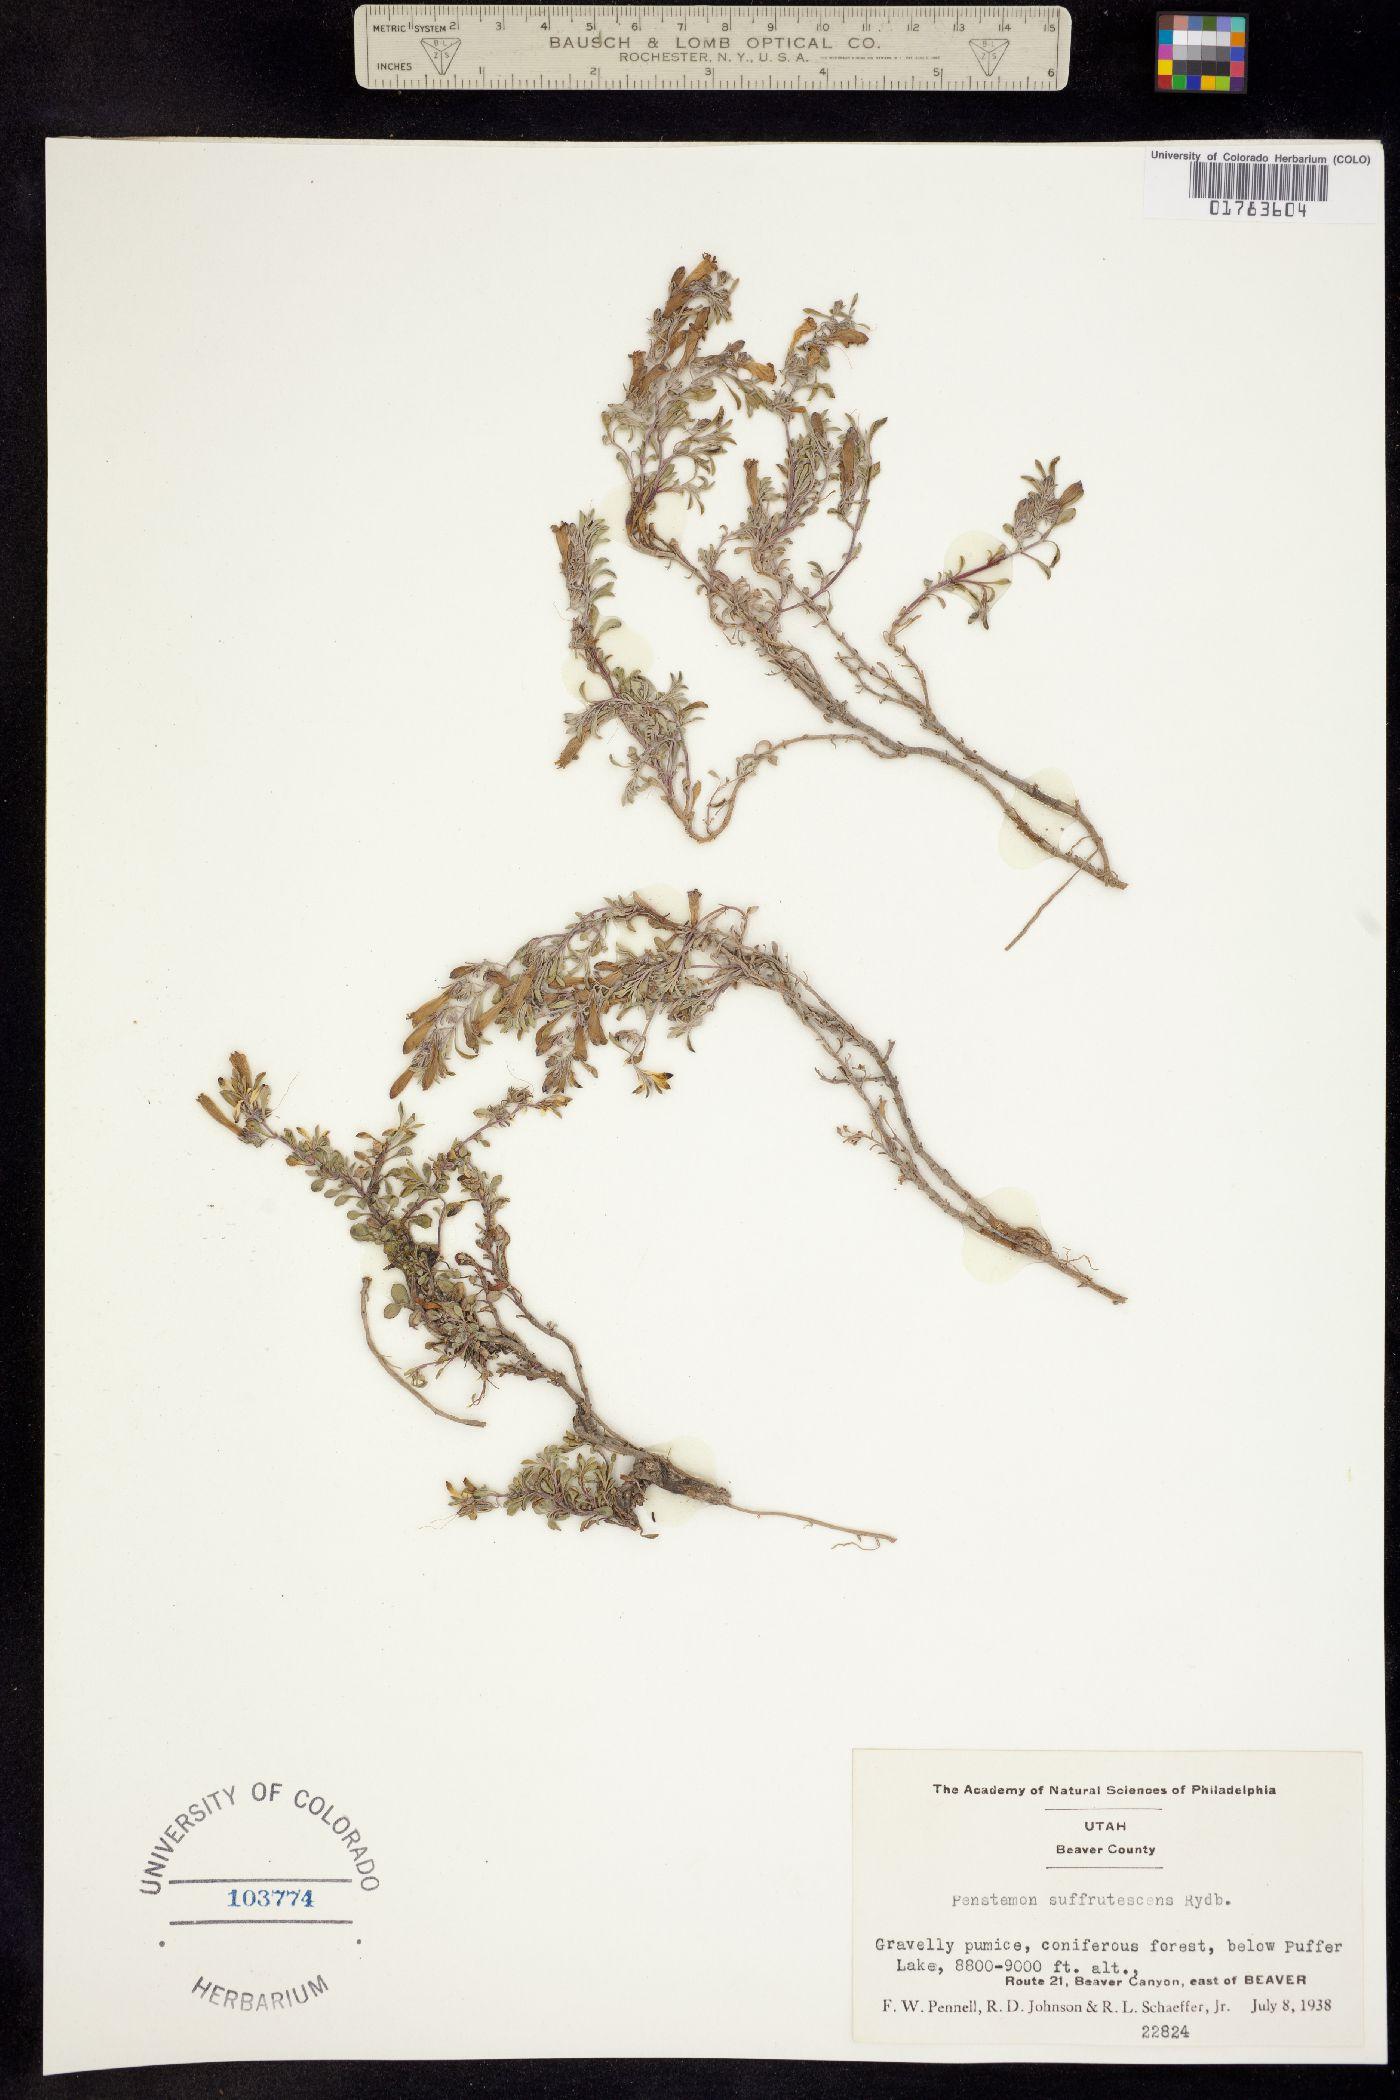 Penstemon crandallii ssp. crandallii image